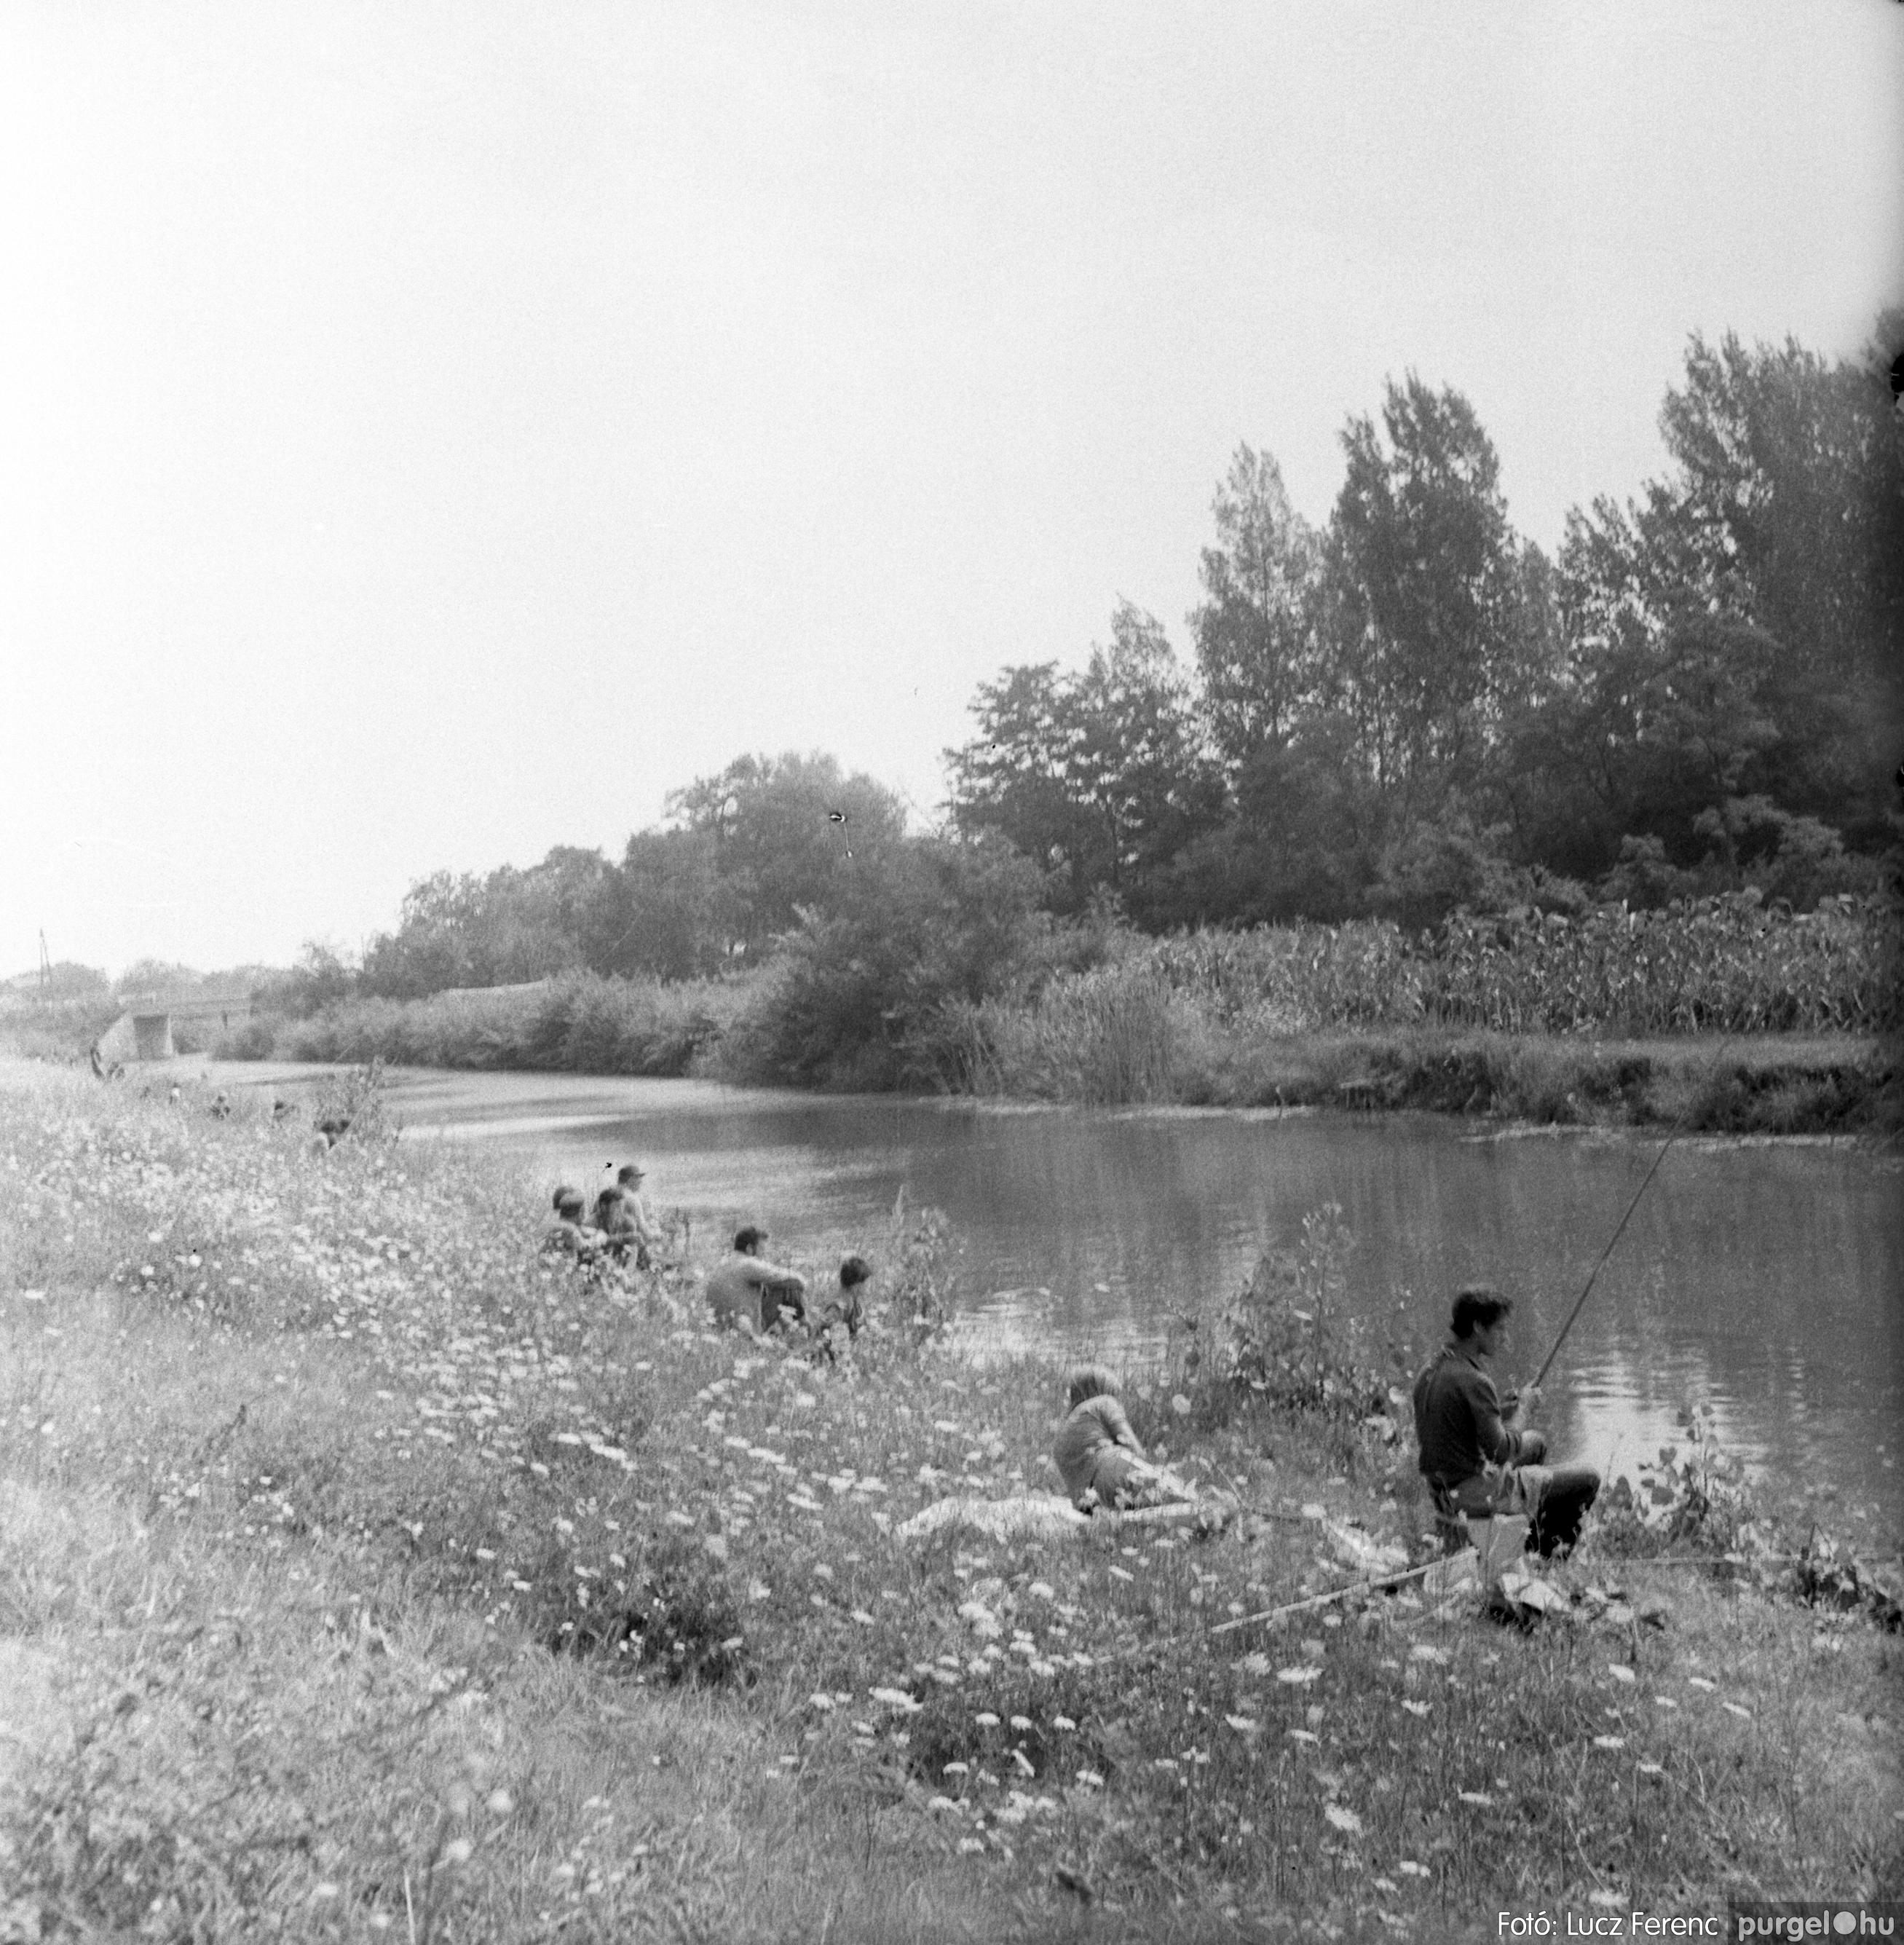 078. 1978. Horgászverseny 005. - Fotó: Lucz Ferenc.jpg